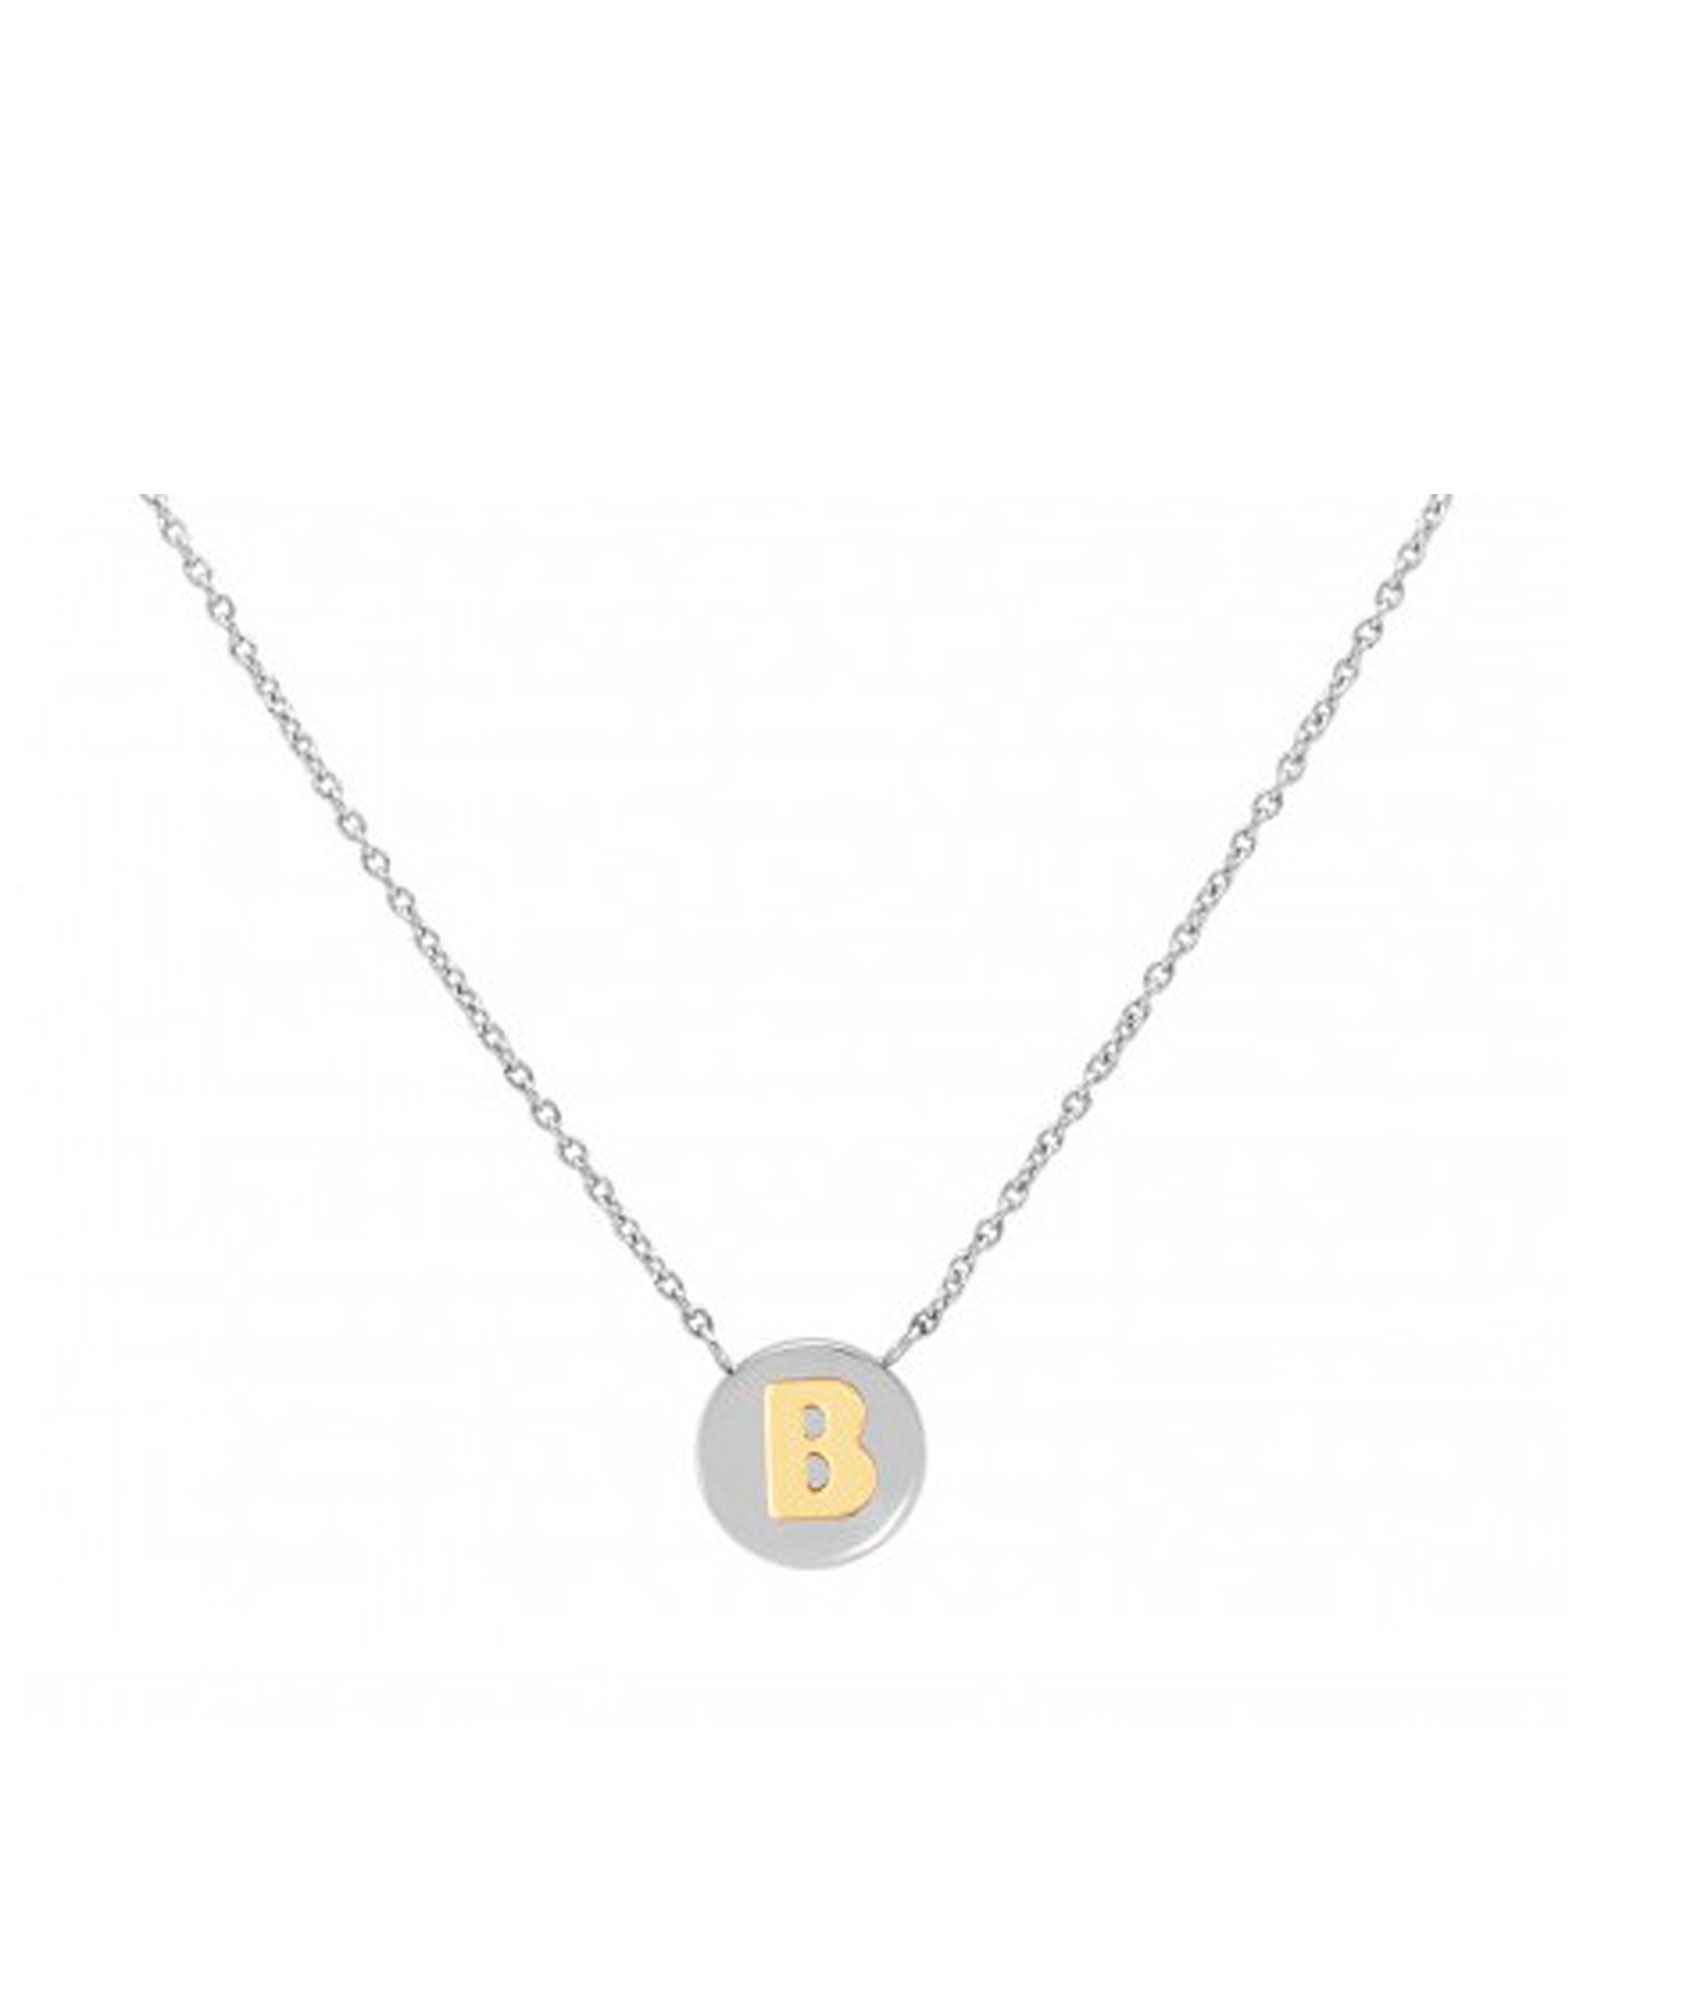 Cadena con Colgante Letra B Oro - 065010-002